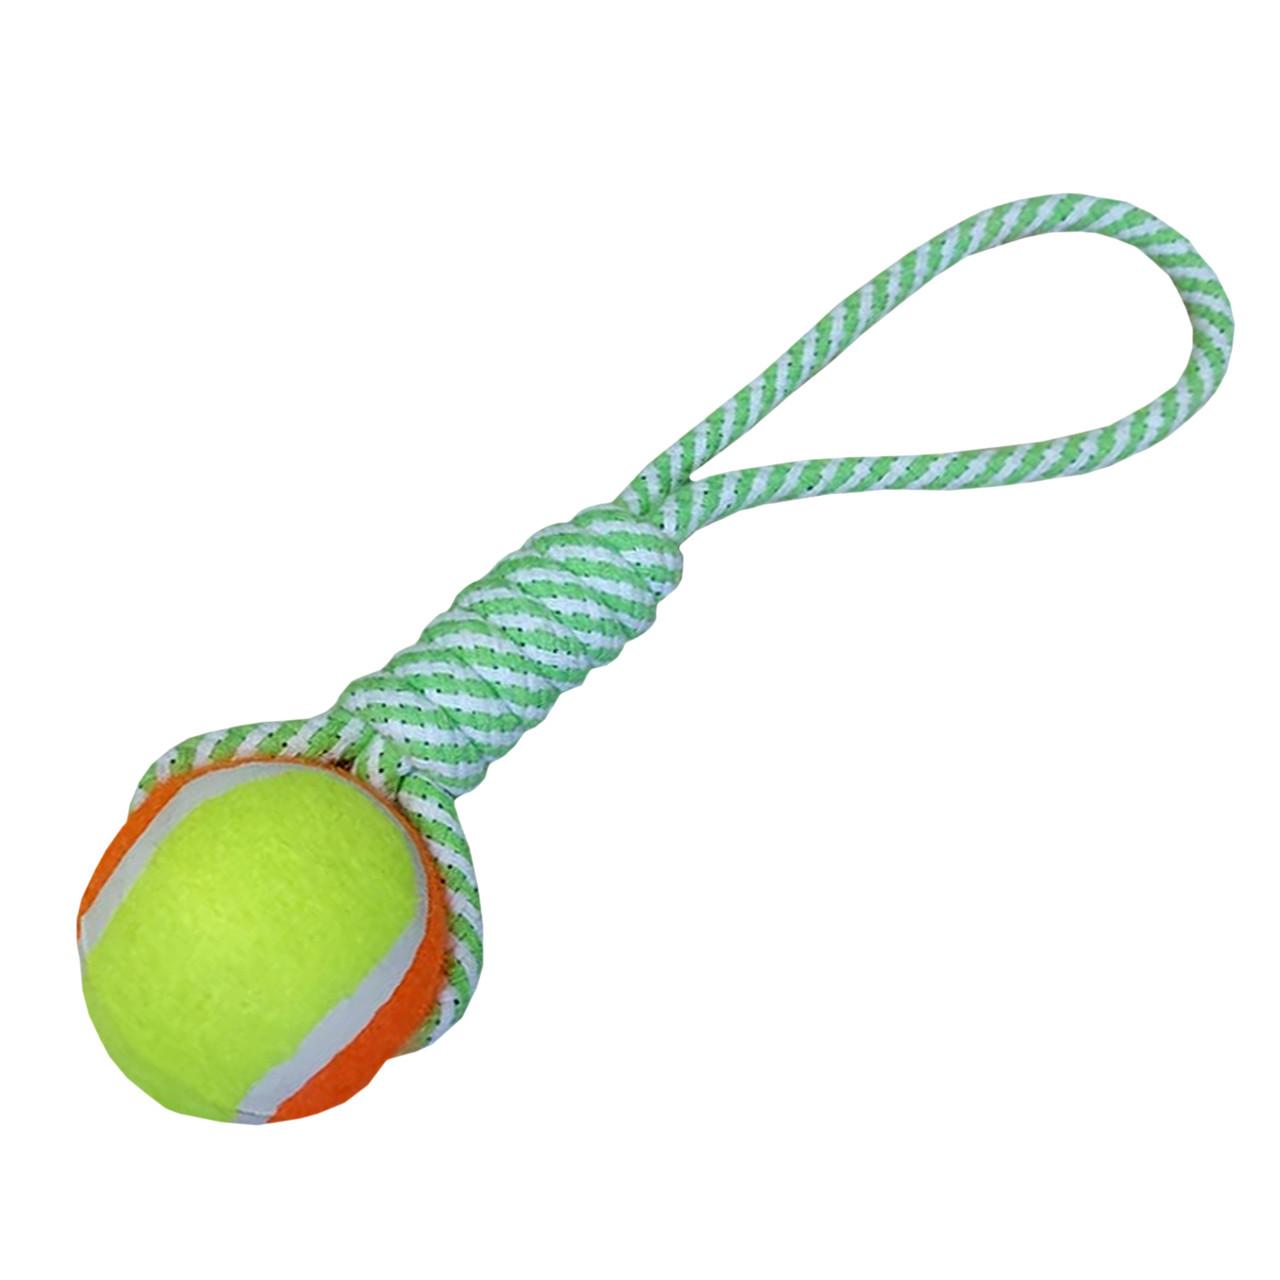 Игрушка канатная плетеная с мячом для собак